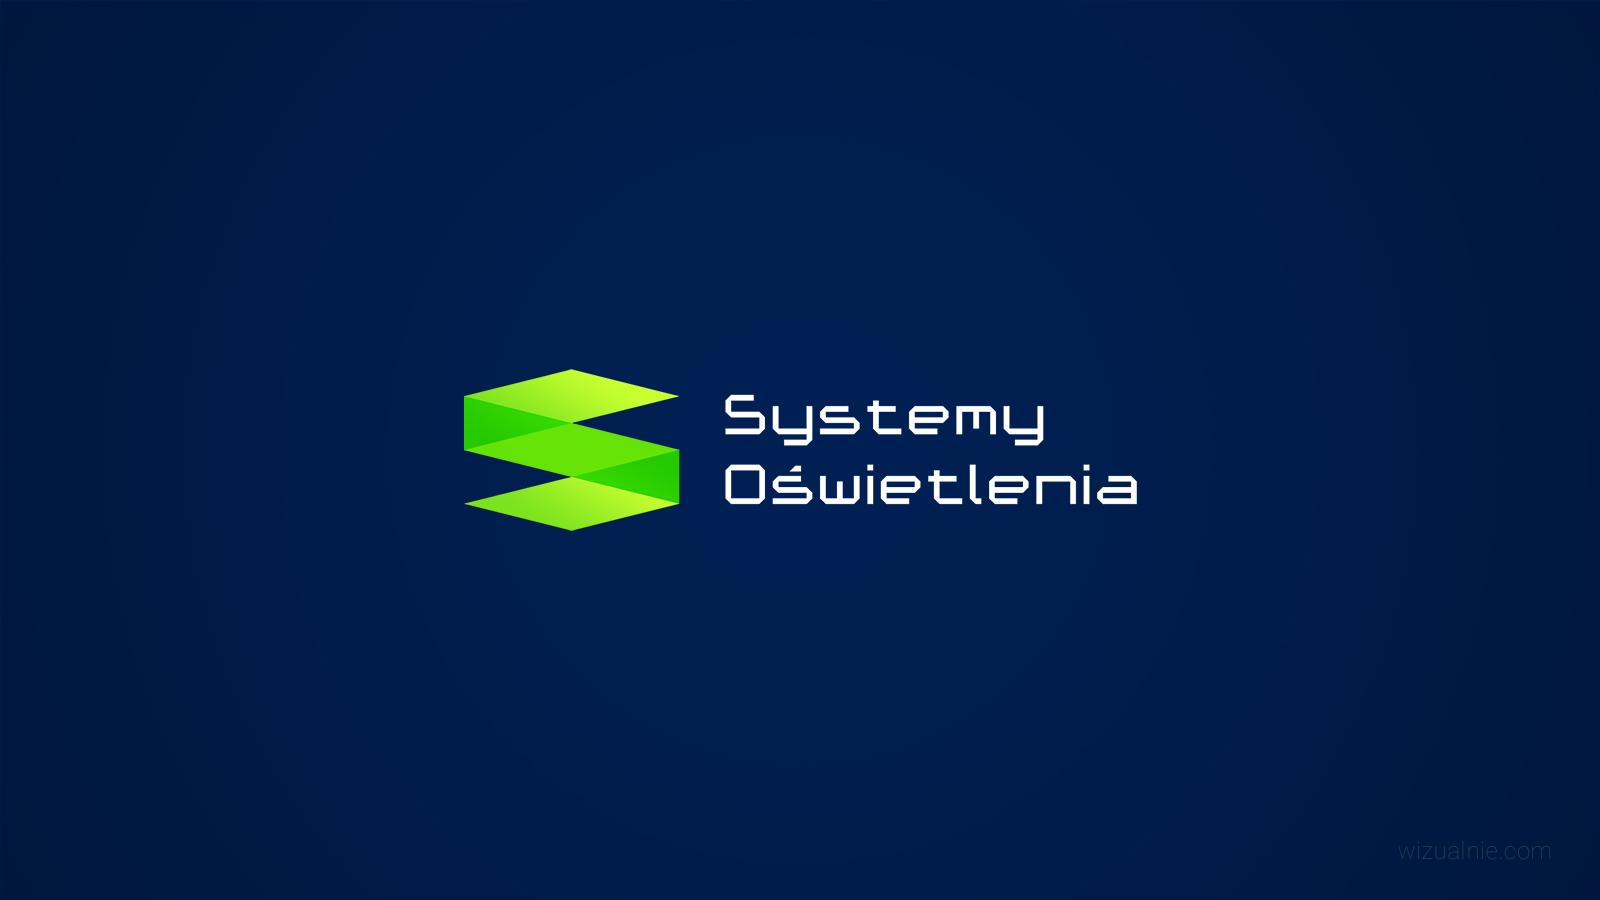 wizualnie-portfolio-systemyoswietlenia-logo